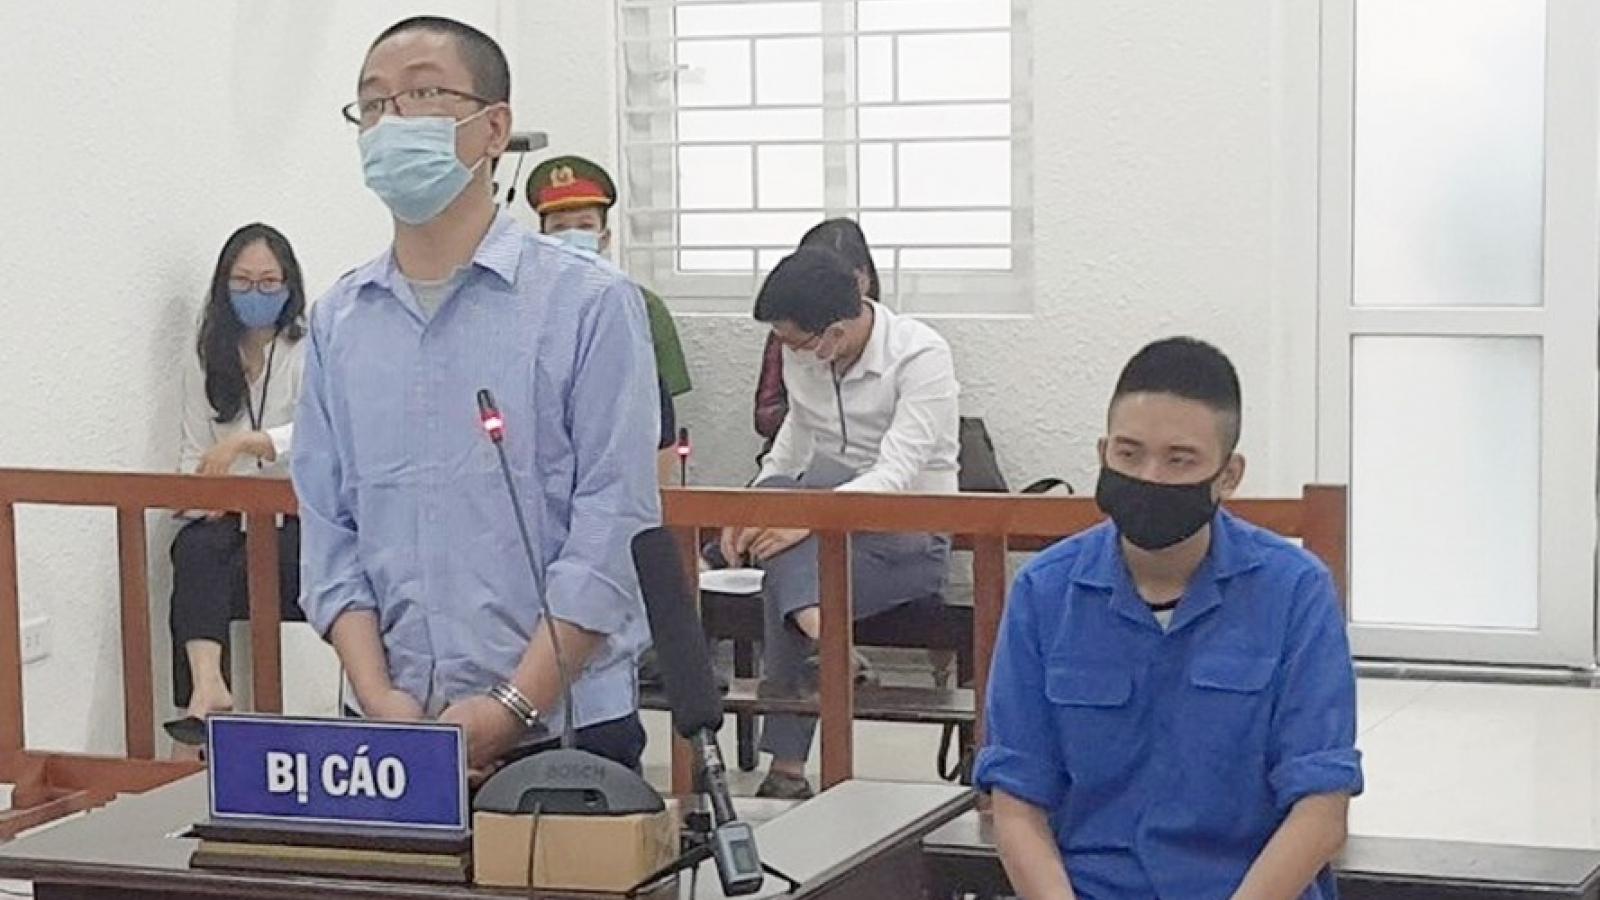 Cựu giám đốc đi cướp ngân hàng BIDV bị tuyên án 23 năm tù